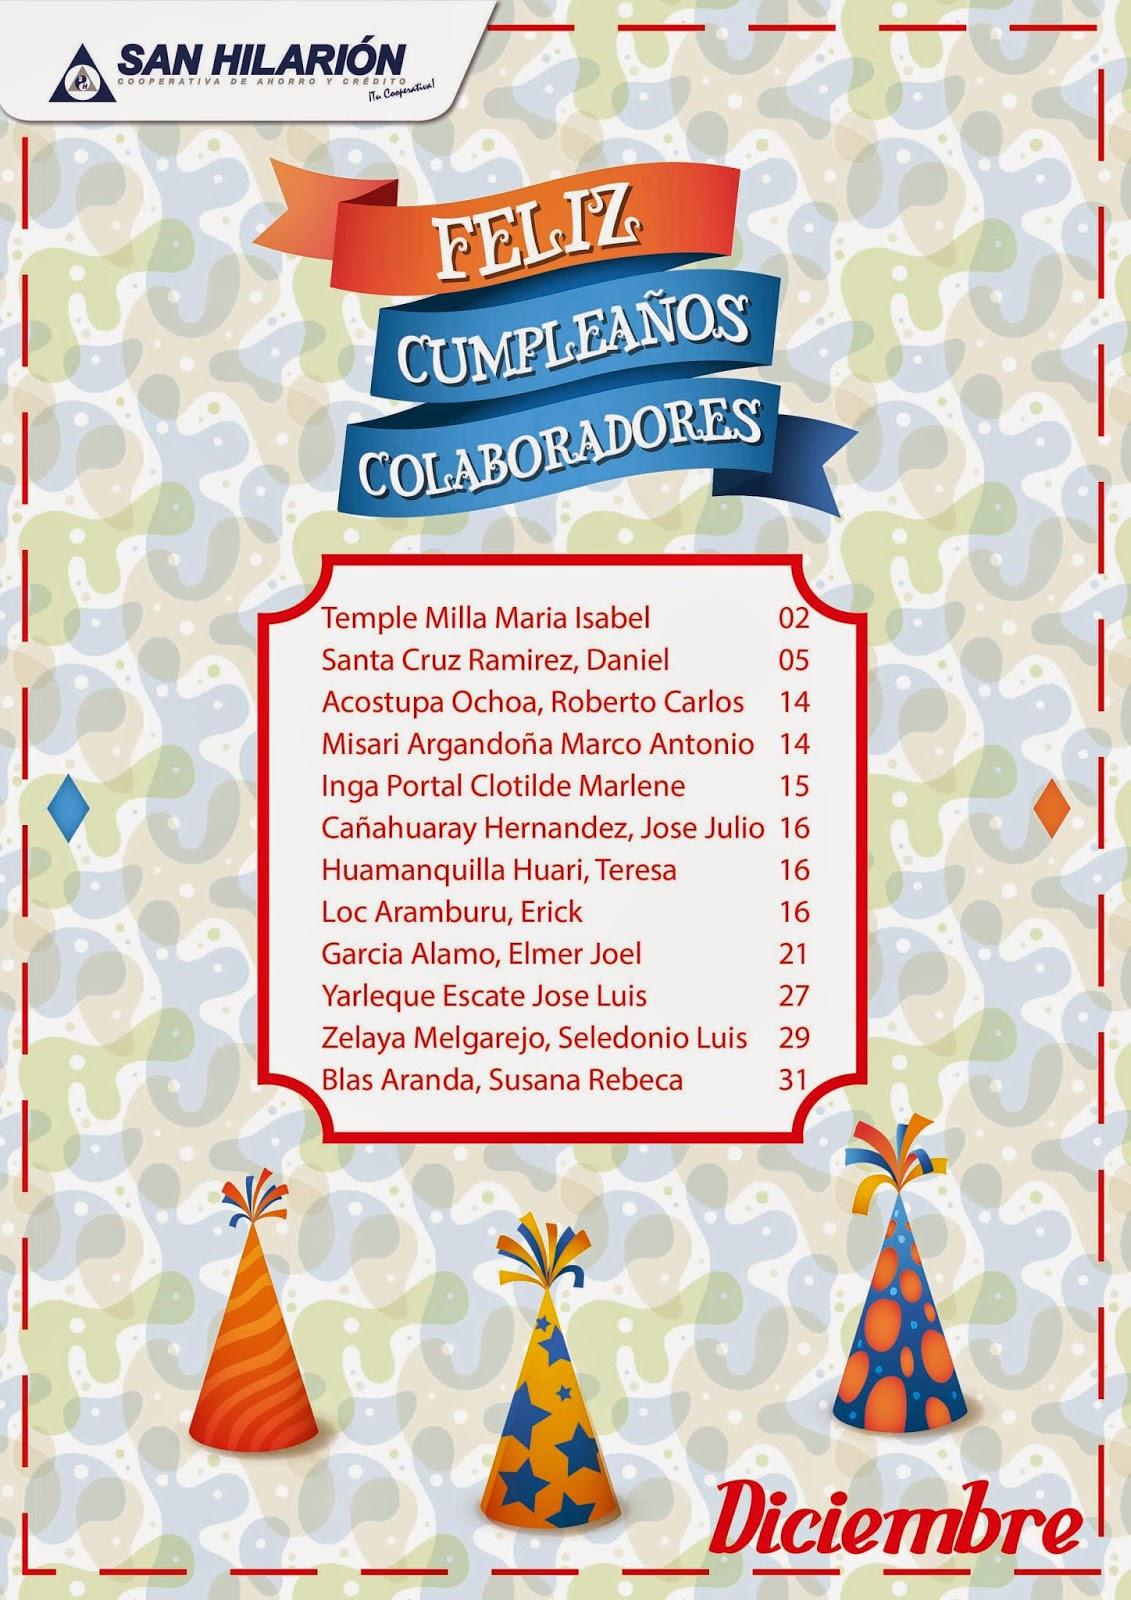 Cooperativa San Hilarión: #Diciembre: ¡Feliz Cumpleaños a nuestros ...